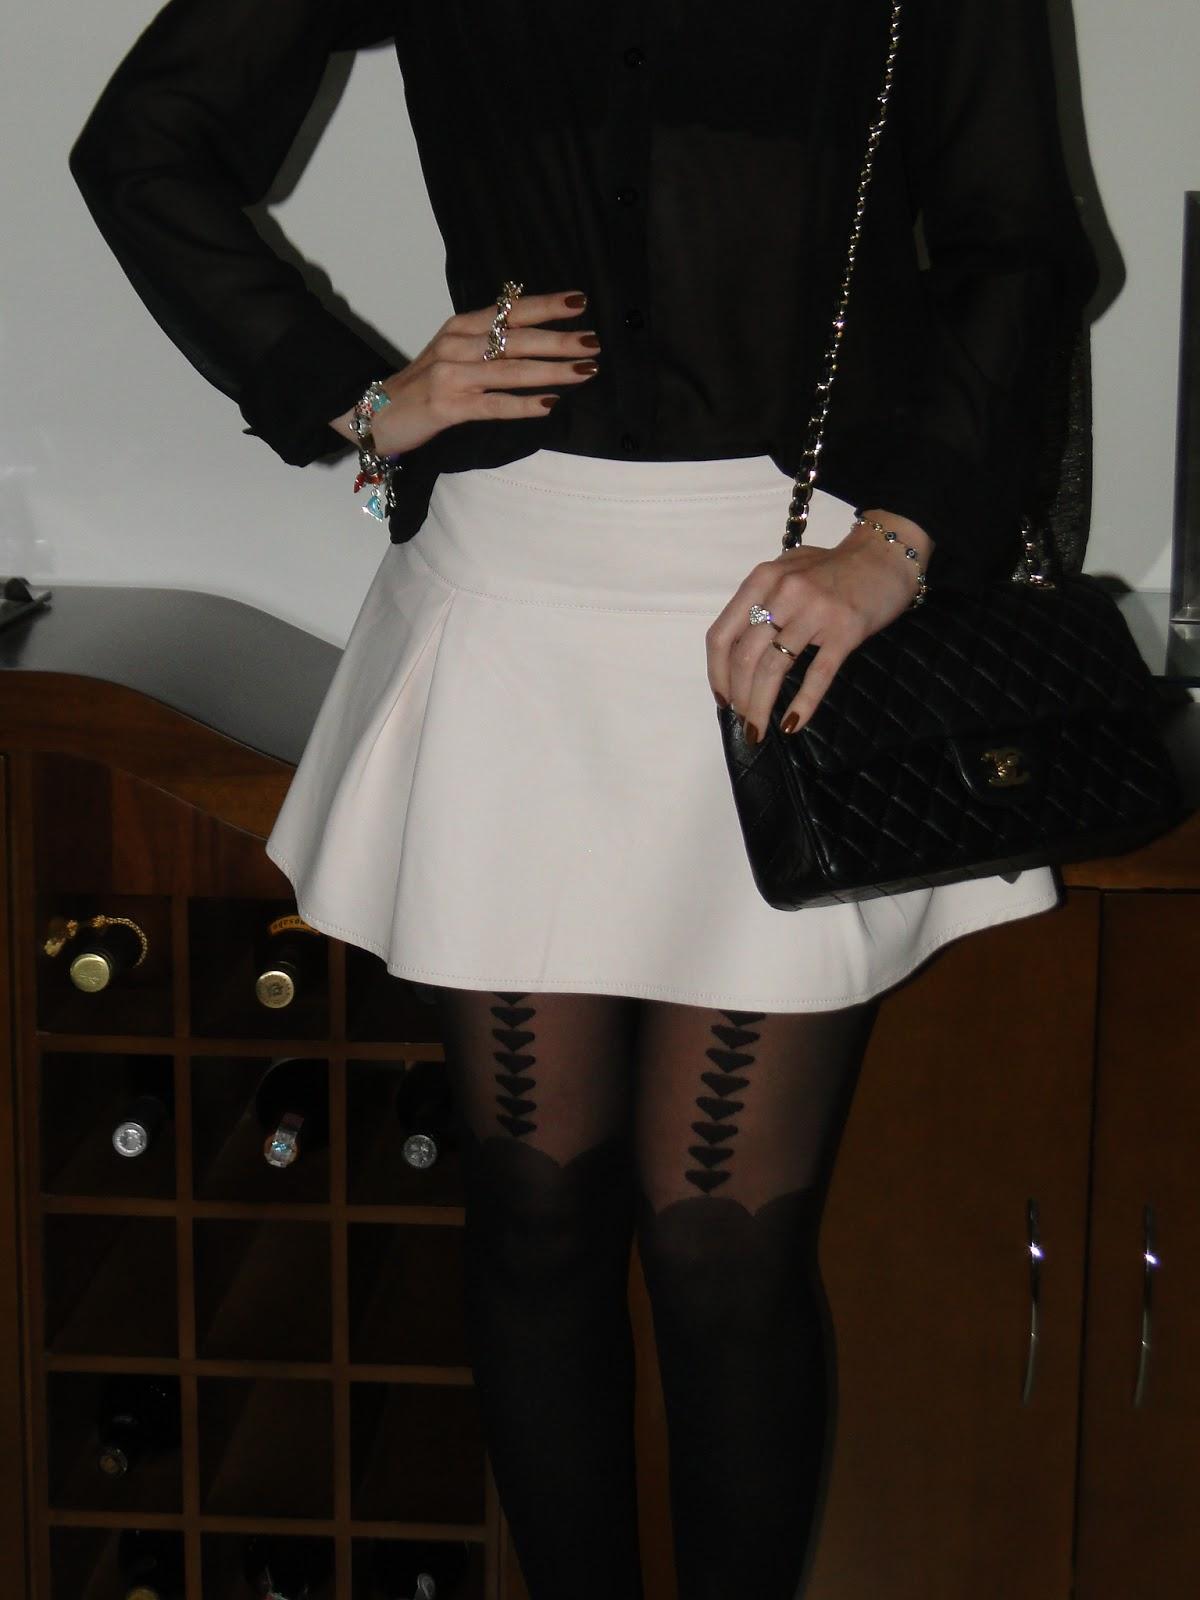 776c59b97 Fotos: Estilo da Cris Camisa: Lojinha em Campinas/ Saia: C&A/ Scarpin: C&A/  Meia calça: Marisa/ Bolsa: Chanel